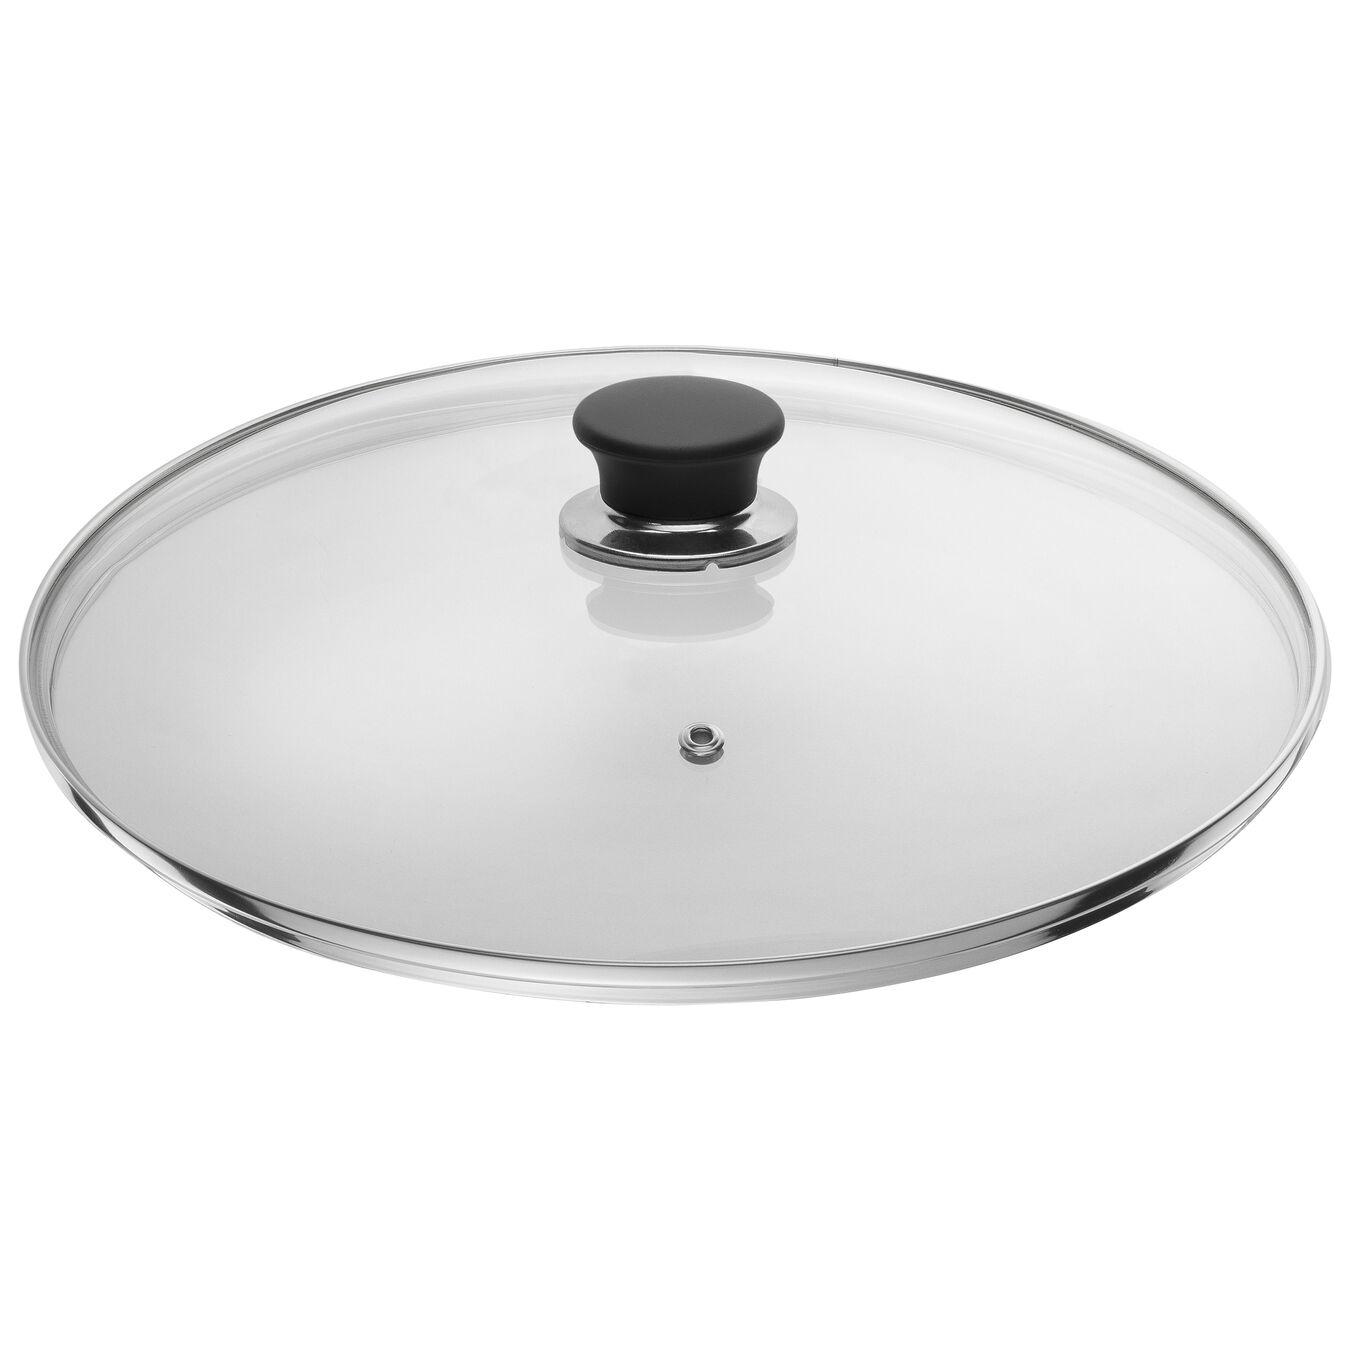 Coperchio - 32 cm, vetro,,large 1